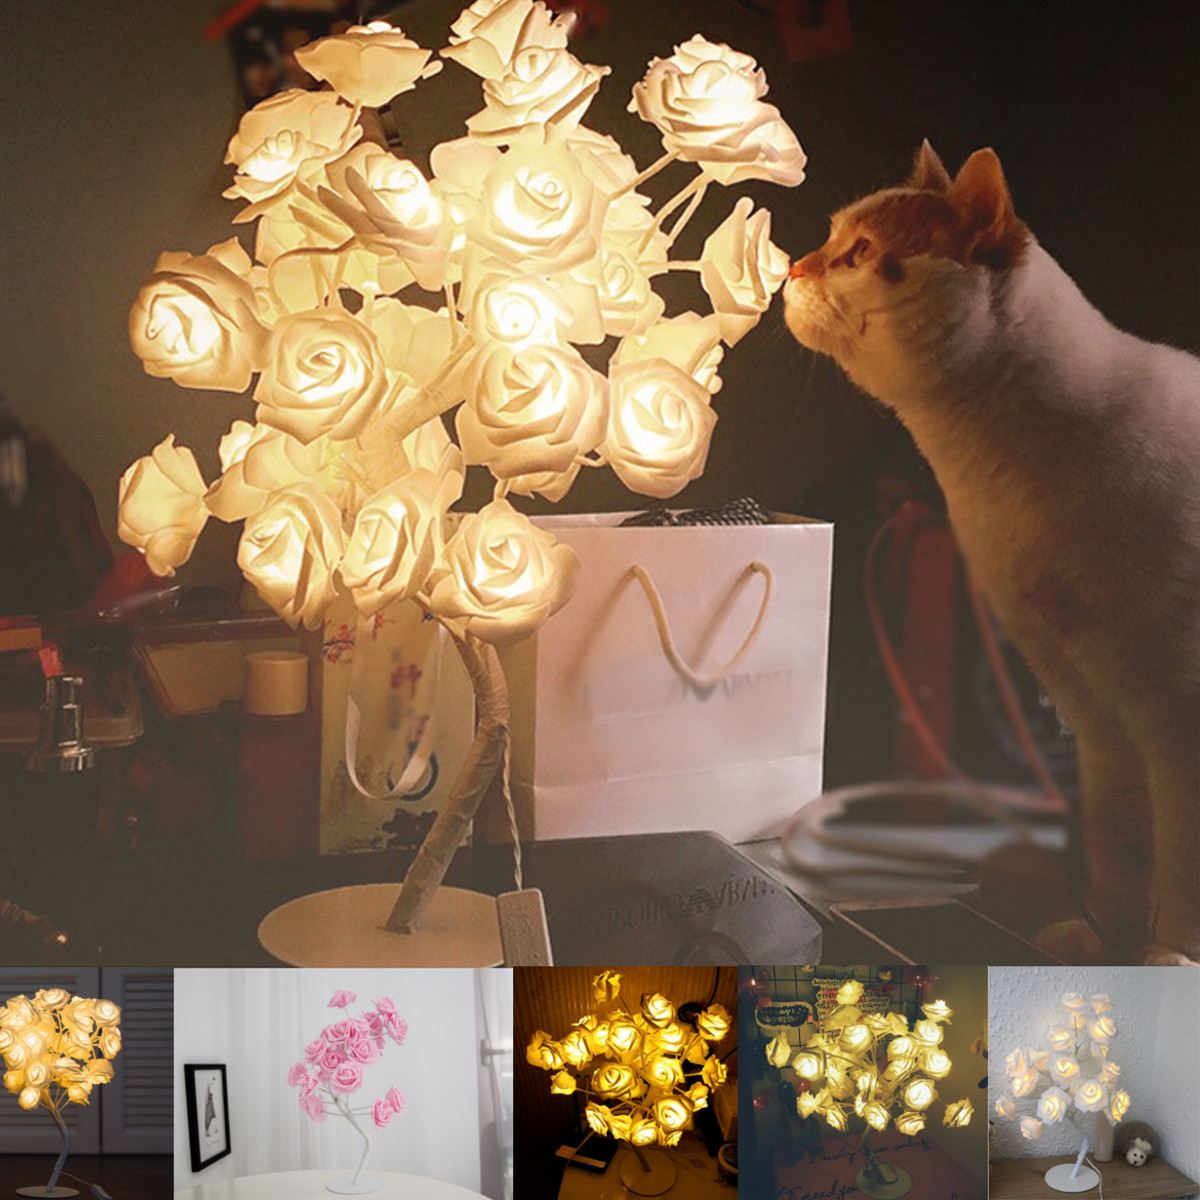 24 Led Rose Fleurs Lampes De Table Bureau Veilleuse éclairage Intérieur Lampe Maison Chambre Décoration Mariage Fête Ornements Rose/blanc